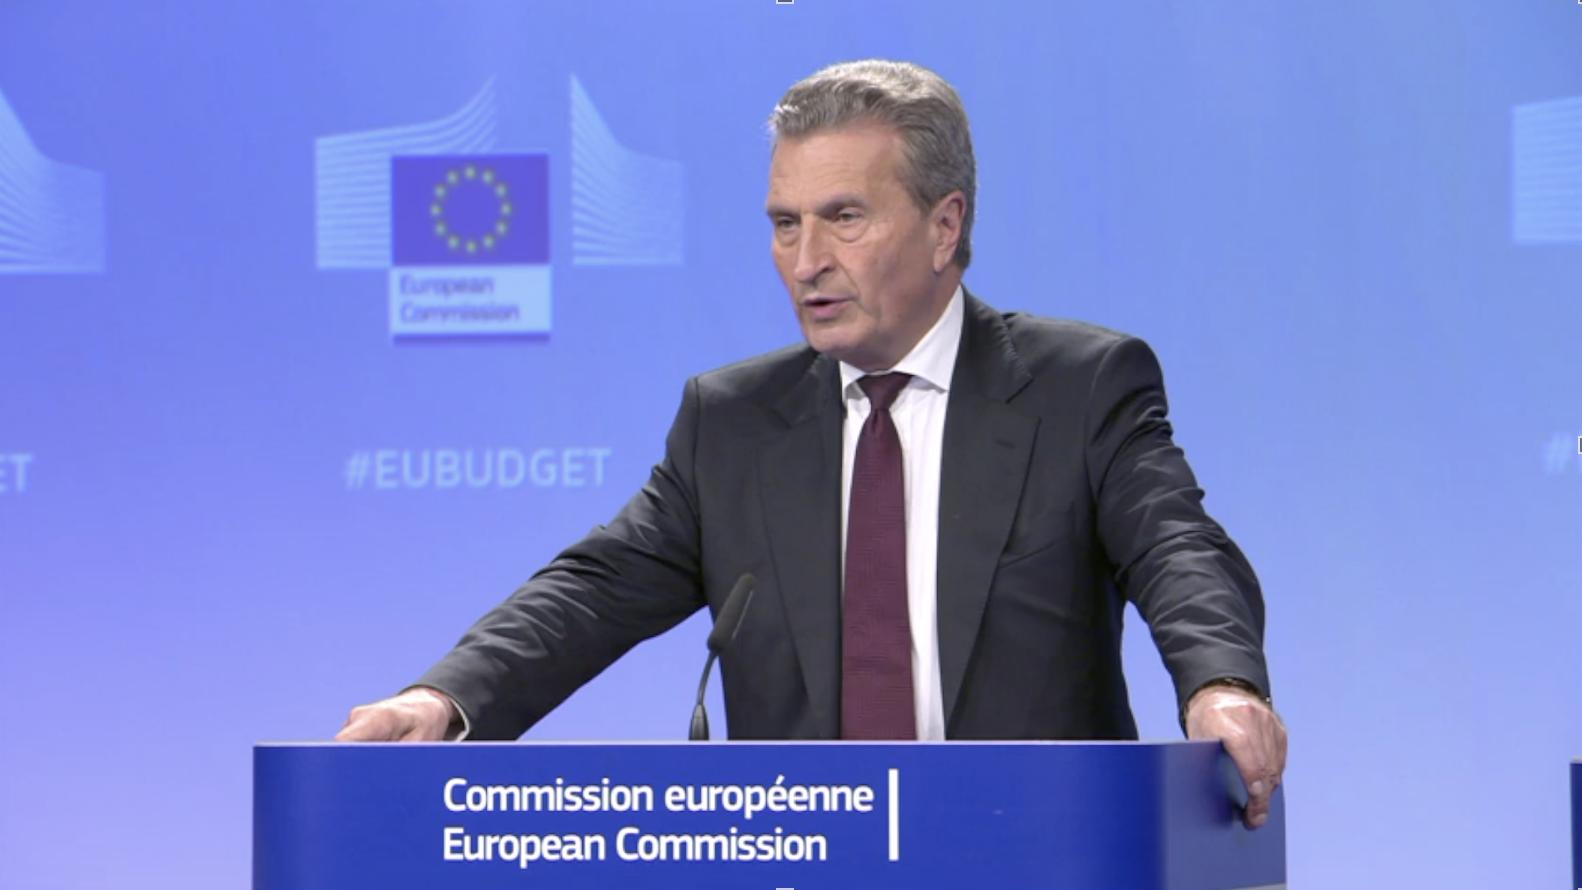 Za nejasnosti oslovech eurokomisaře Oettingera může simultánní překlad